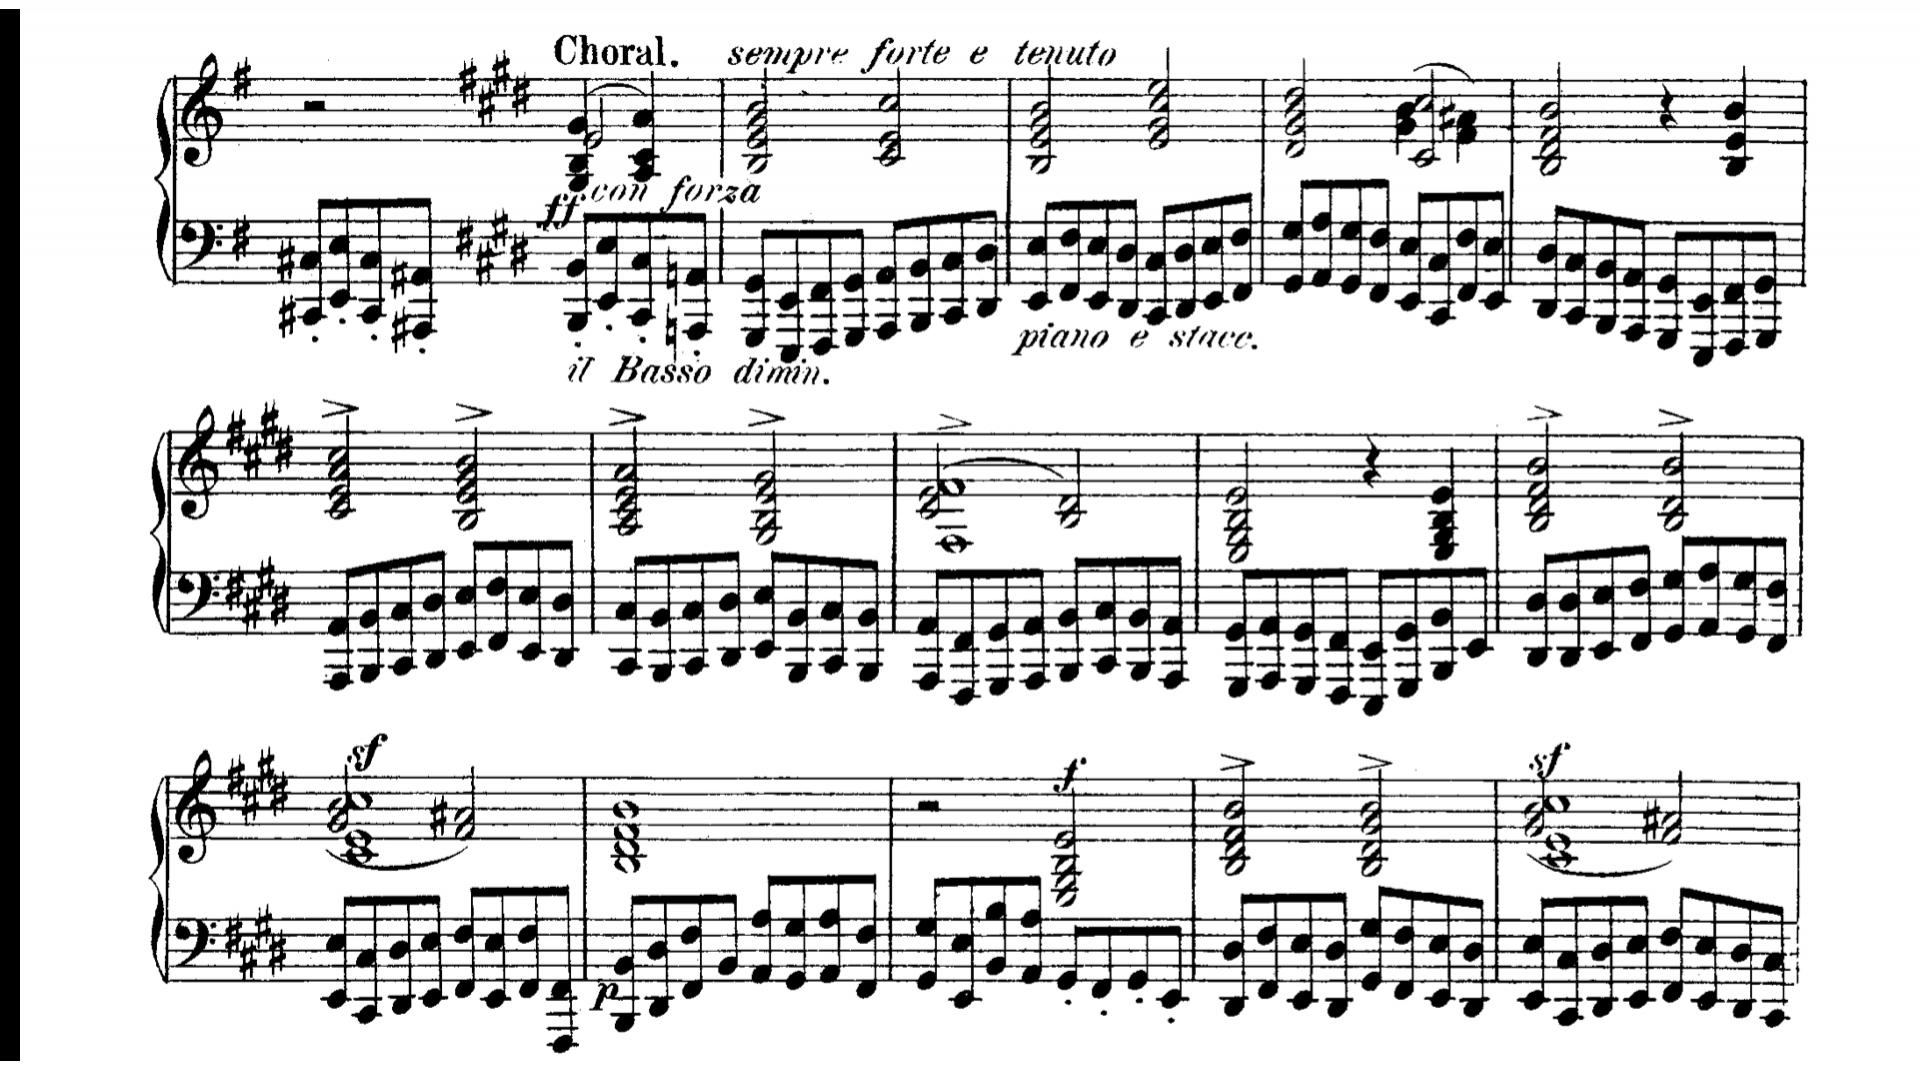 孟德爾遜 E 小調前奏與賦格的結尾,以一首合唱曲作結,以簡單情感,將音樂的宗教性表現出來。